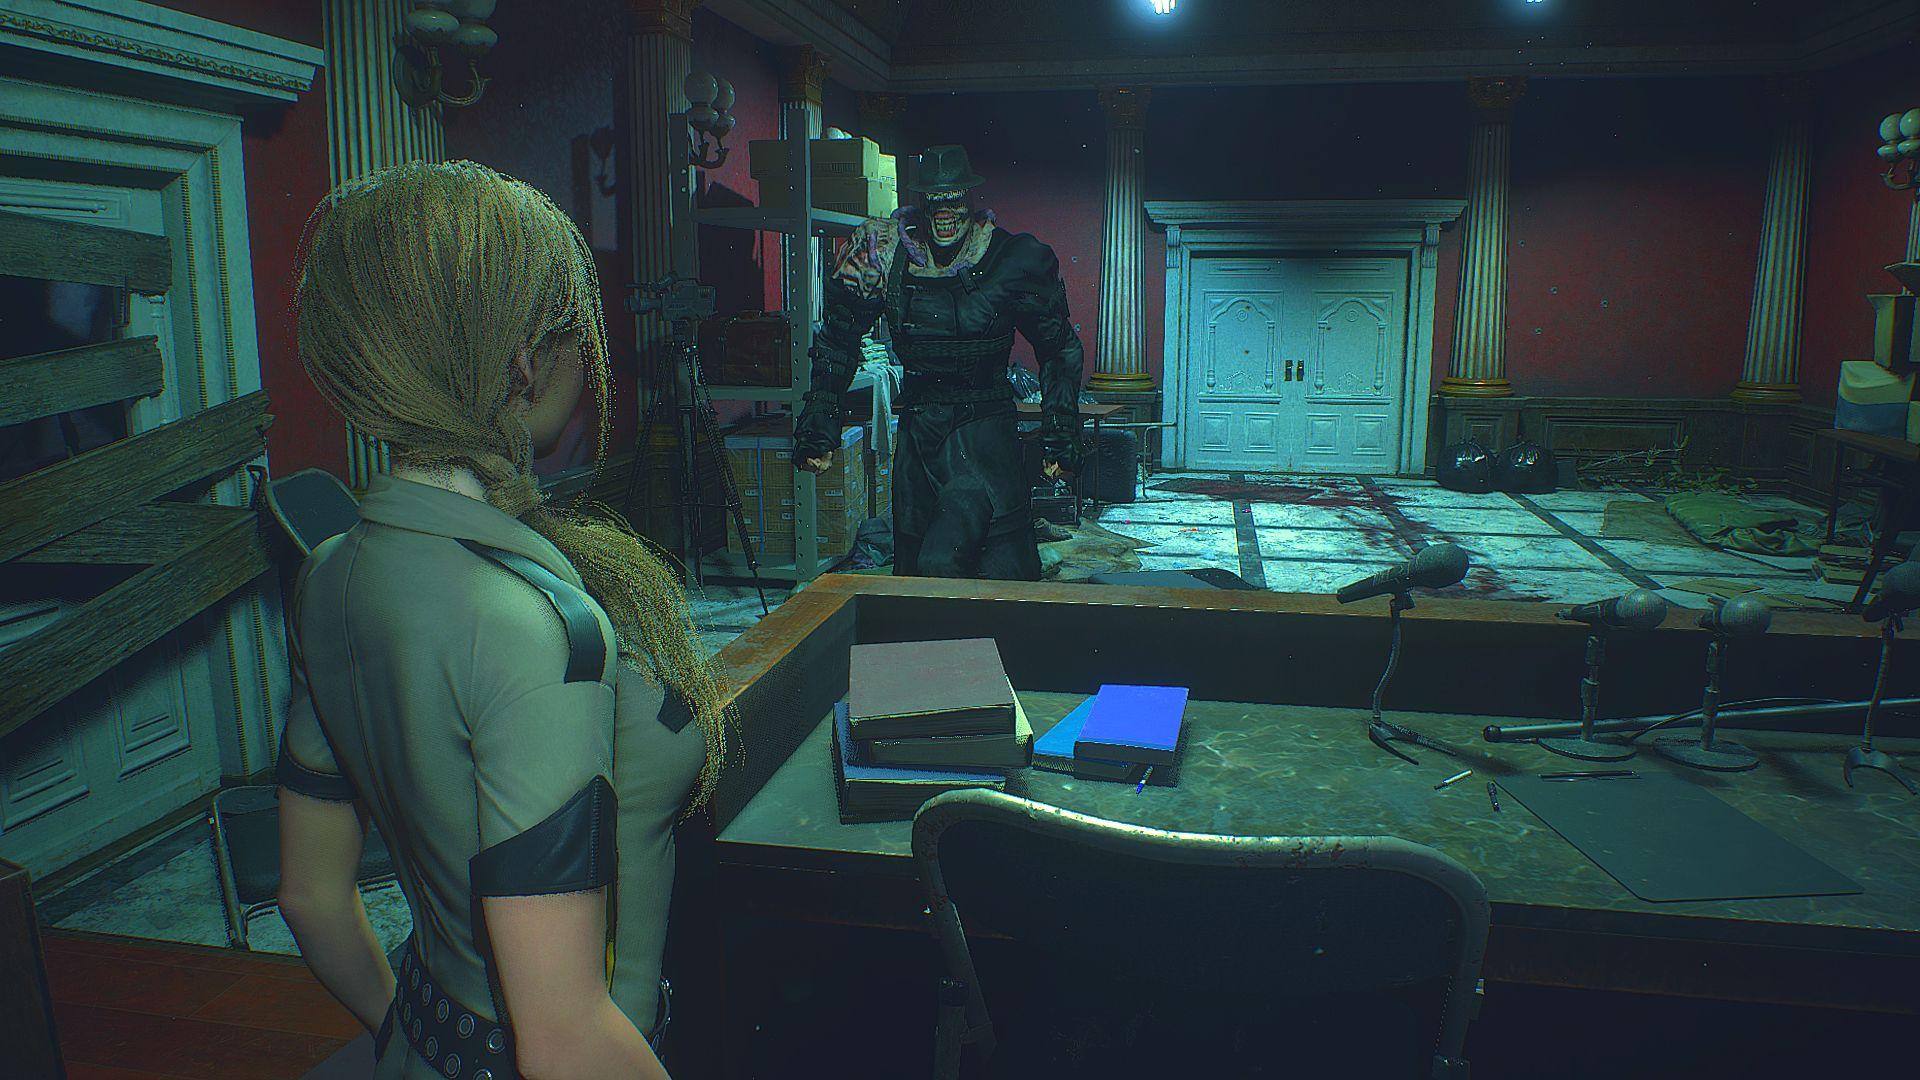 000759.Jpg - Resident Evil 2